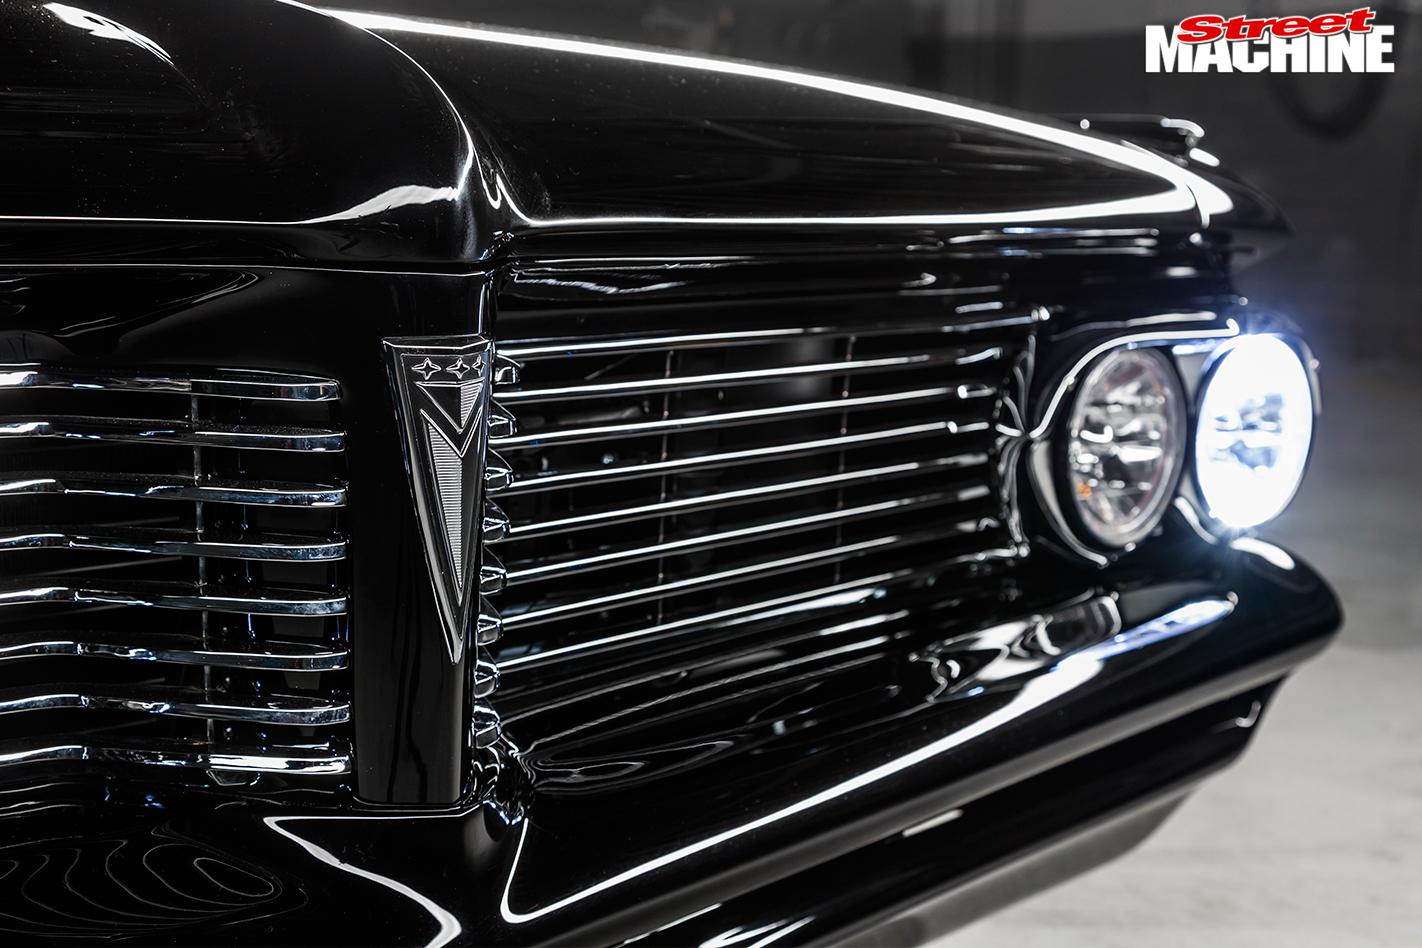 Pontiac -Laurentian -grille -detail